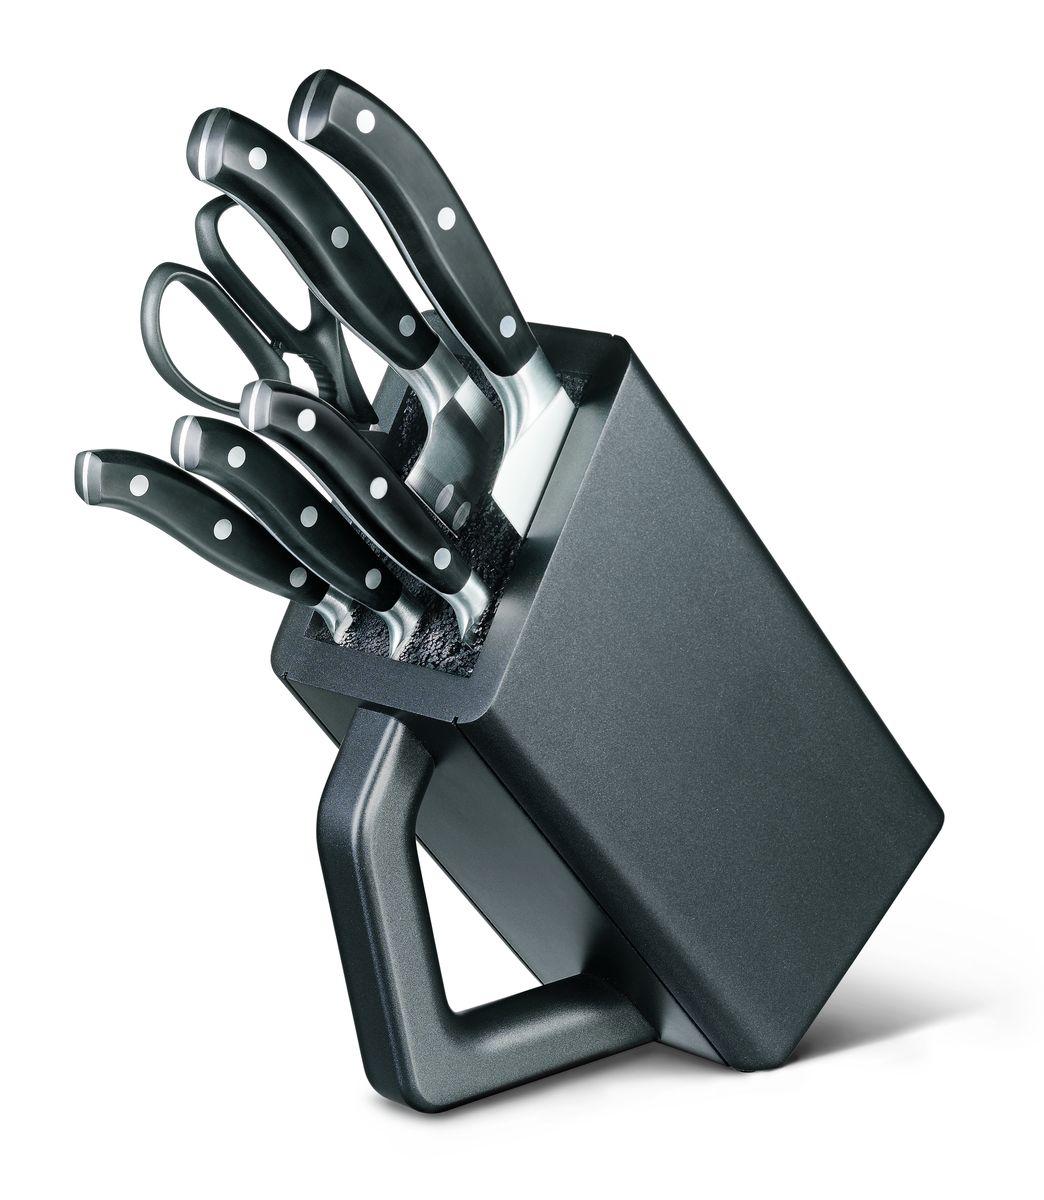 Набор кованых кухонных приборов Victorinox, на подставке, 7 предметов94672Кованые ножи Victorinox нравятся как любителям, так и профессиональным шеф-поварам. Баланс между рукоятью и лезвием идеально рассчитывается для того, чтобы обеспечить удобство использования даже не протяжение длительного времени работы с ножами. Все модели в данных сериях штампуются из одной детали и имеют бесшовный переход от лезвия к рукояти. Это удивительное качество и неподвластная времени элегантность делают кованые ножи Victorinox такими особенными. У кованых ножей также есть больстер — стальное утолщение в месте, где сходится рукоять и лезвие, он разработан специально, чтобы защитить вашу руку от соскальзывания с рукояти на лезвие. Как правило, ножи данной серии подходят для использования в посудомоечных машинах, тем не менее для увеличения срока службы рекомендуется мыть их в ручную. 6 предметов: - кухонные ножницы (7.6363.3) - нож для чистки овощей (7.7203.06) - нож для стейка (7.7203.12) - универсальный нож (7.7203.15) - нож Сантоку (7.7323.17) - нож шеф-повара (7.7403.20)